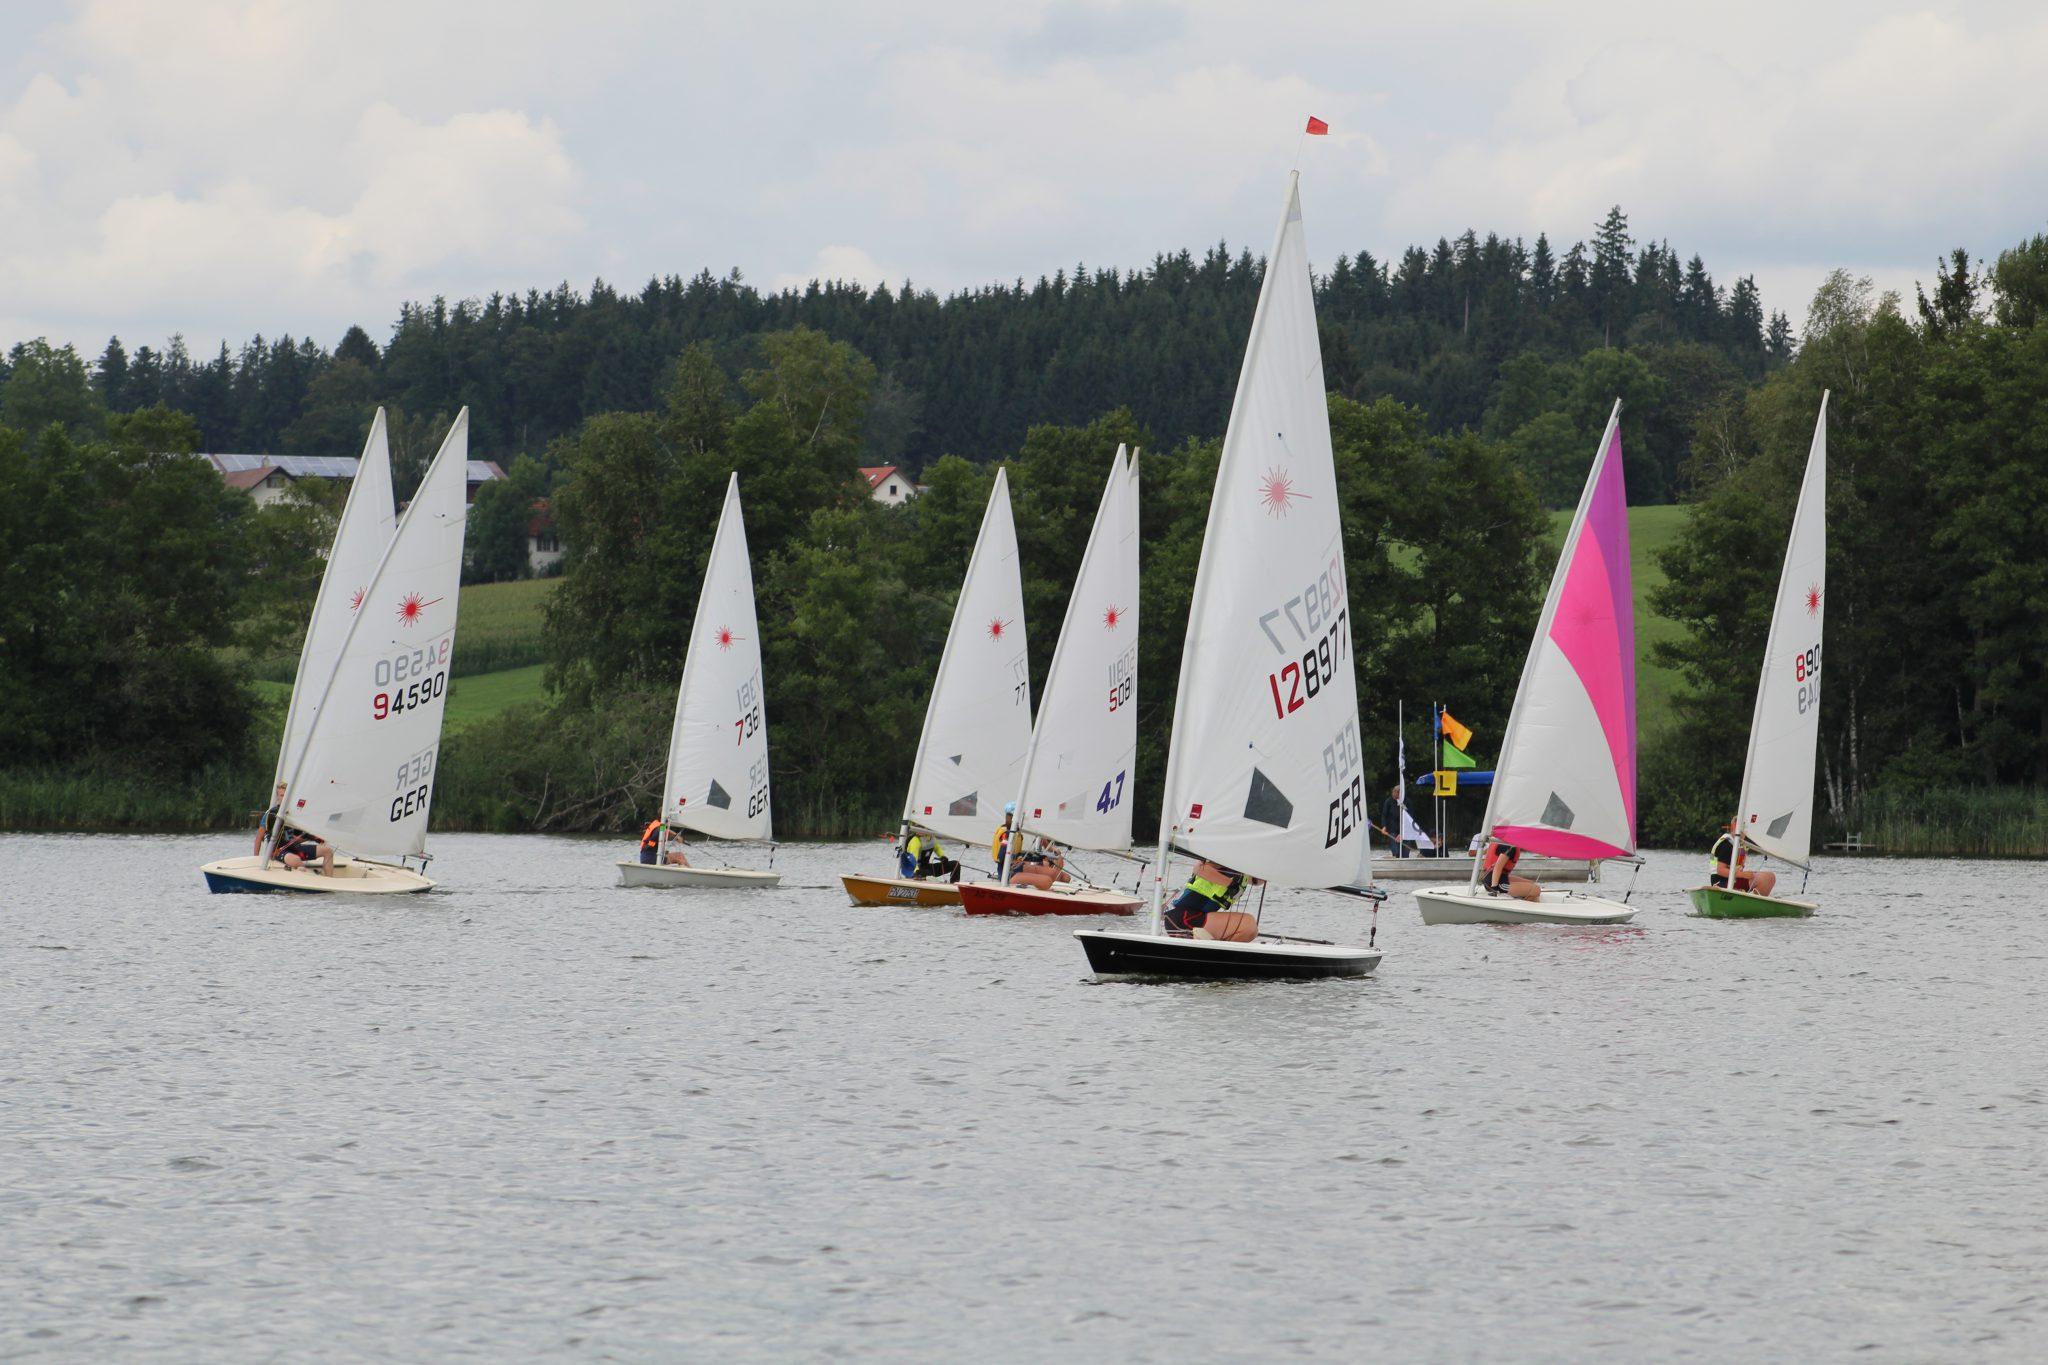 Junge Segler auf dem Ellerazhofer Weiher – Marine Verein Wangen veranstaltet Segelkurswoche